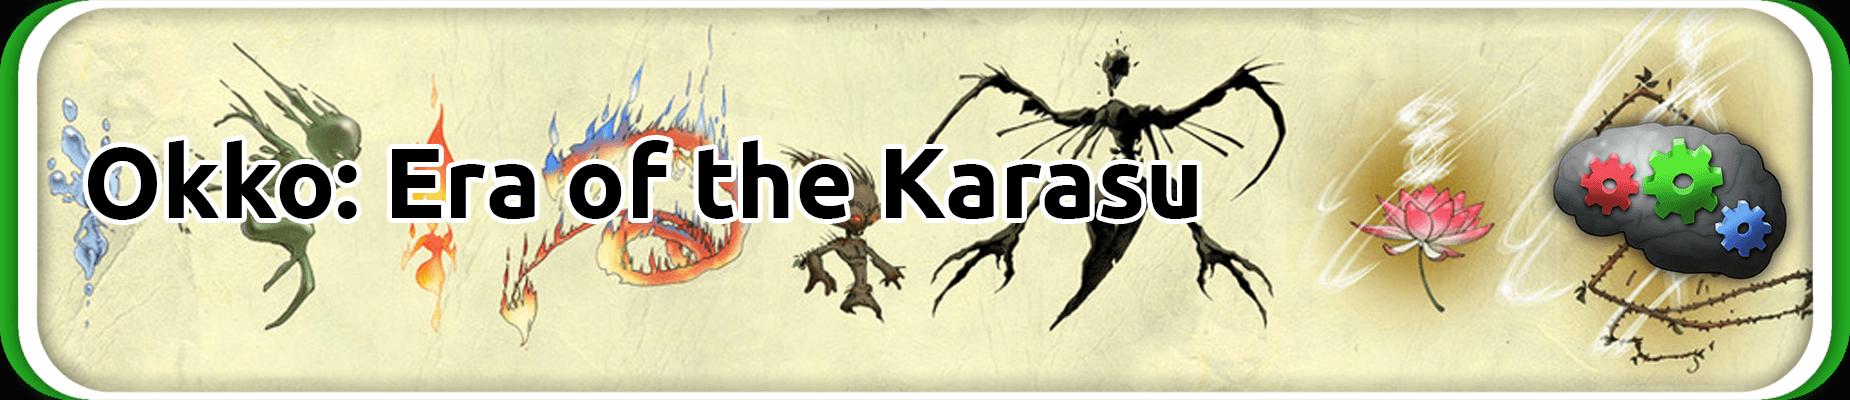 Okko Era of the Karasu